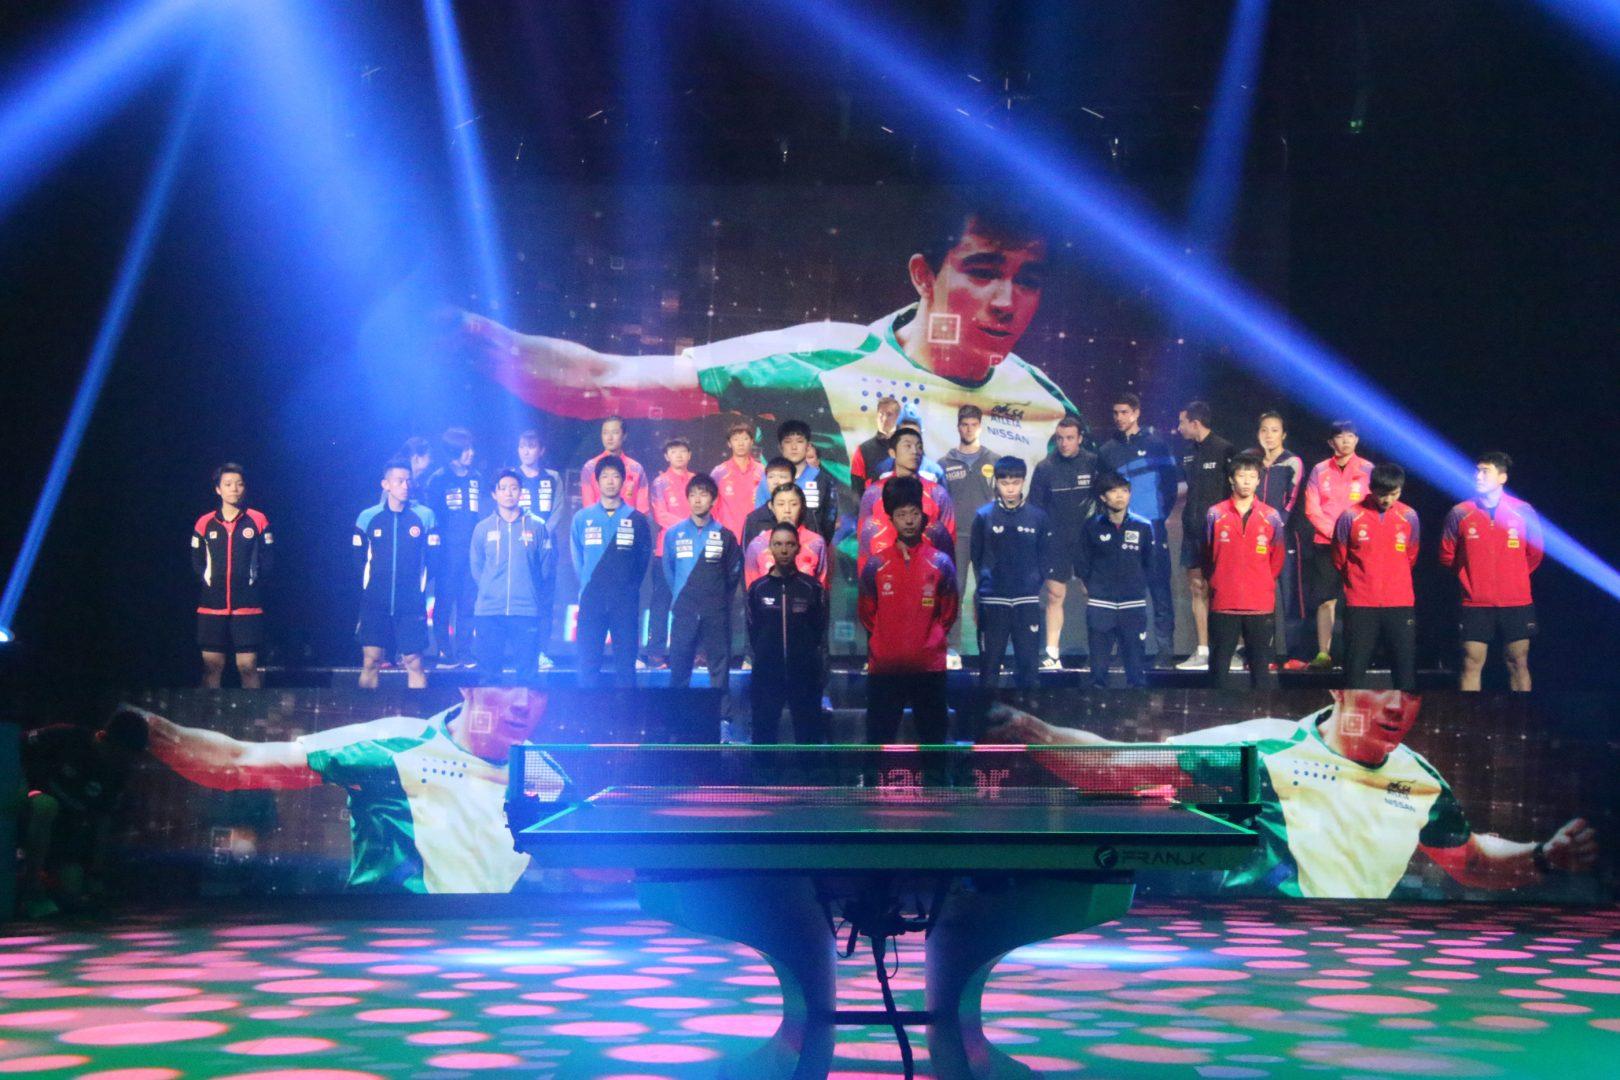 T2ダイヤモンド中国大会が延期 2019年は3大会から2大会へ変更に